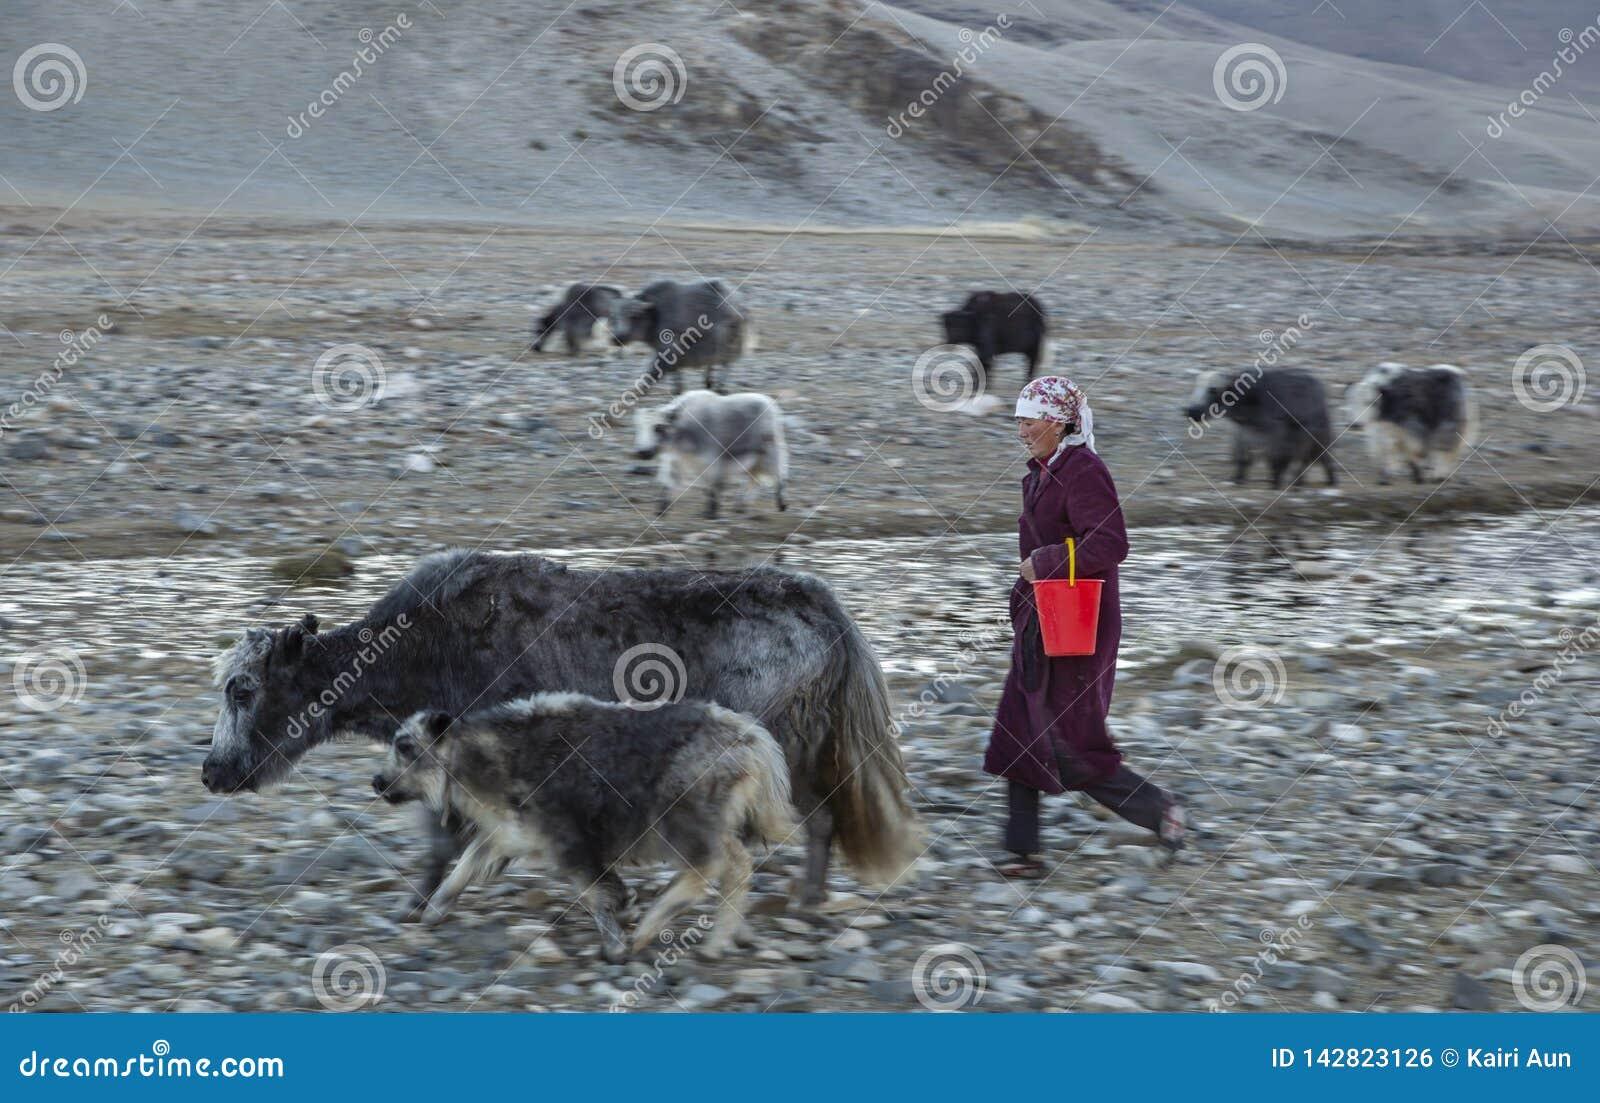 nomad-woman-walking-her-yaks-bayan-ulgii